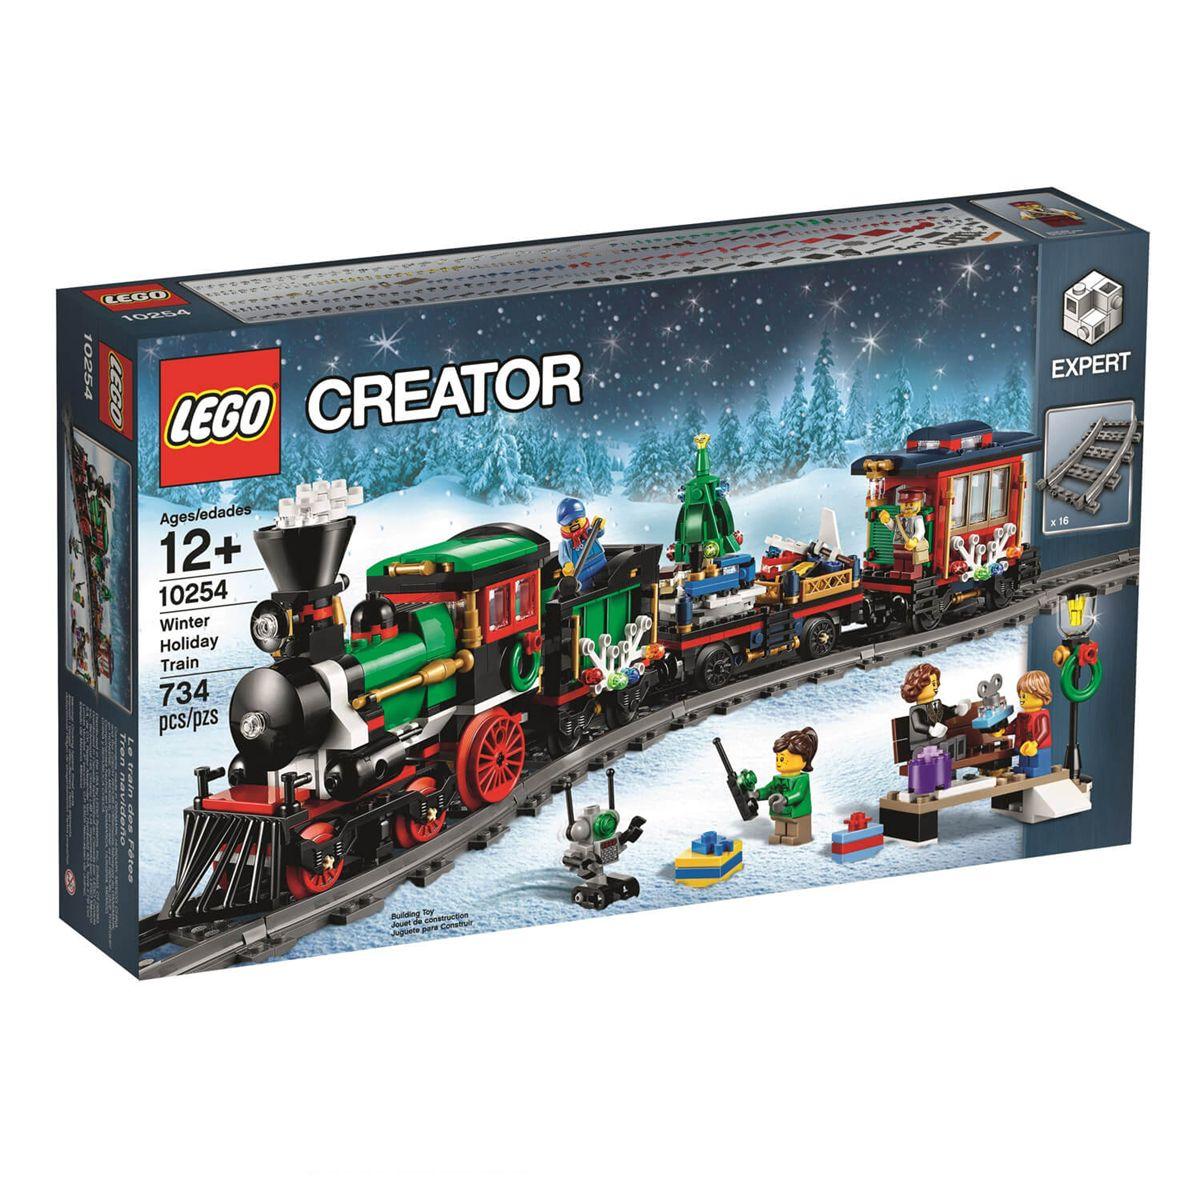 De Lego La Train Creator Jeux Construction Le 10254 Noël hCxsQdtr